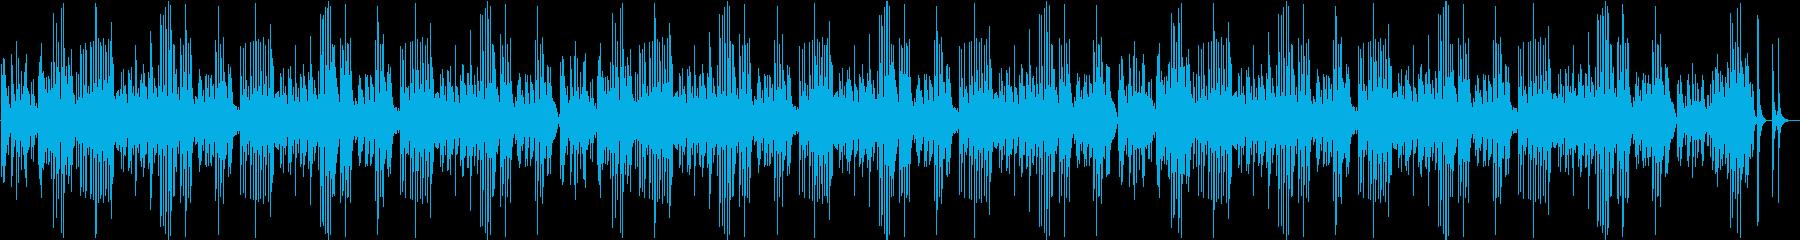 童謡「ひなまつり」のオルゴールによる演奏の再生済みの波形